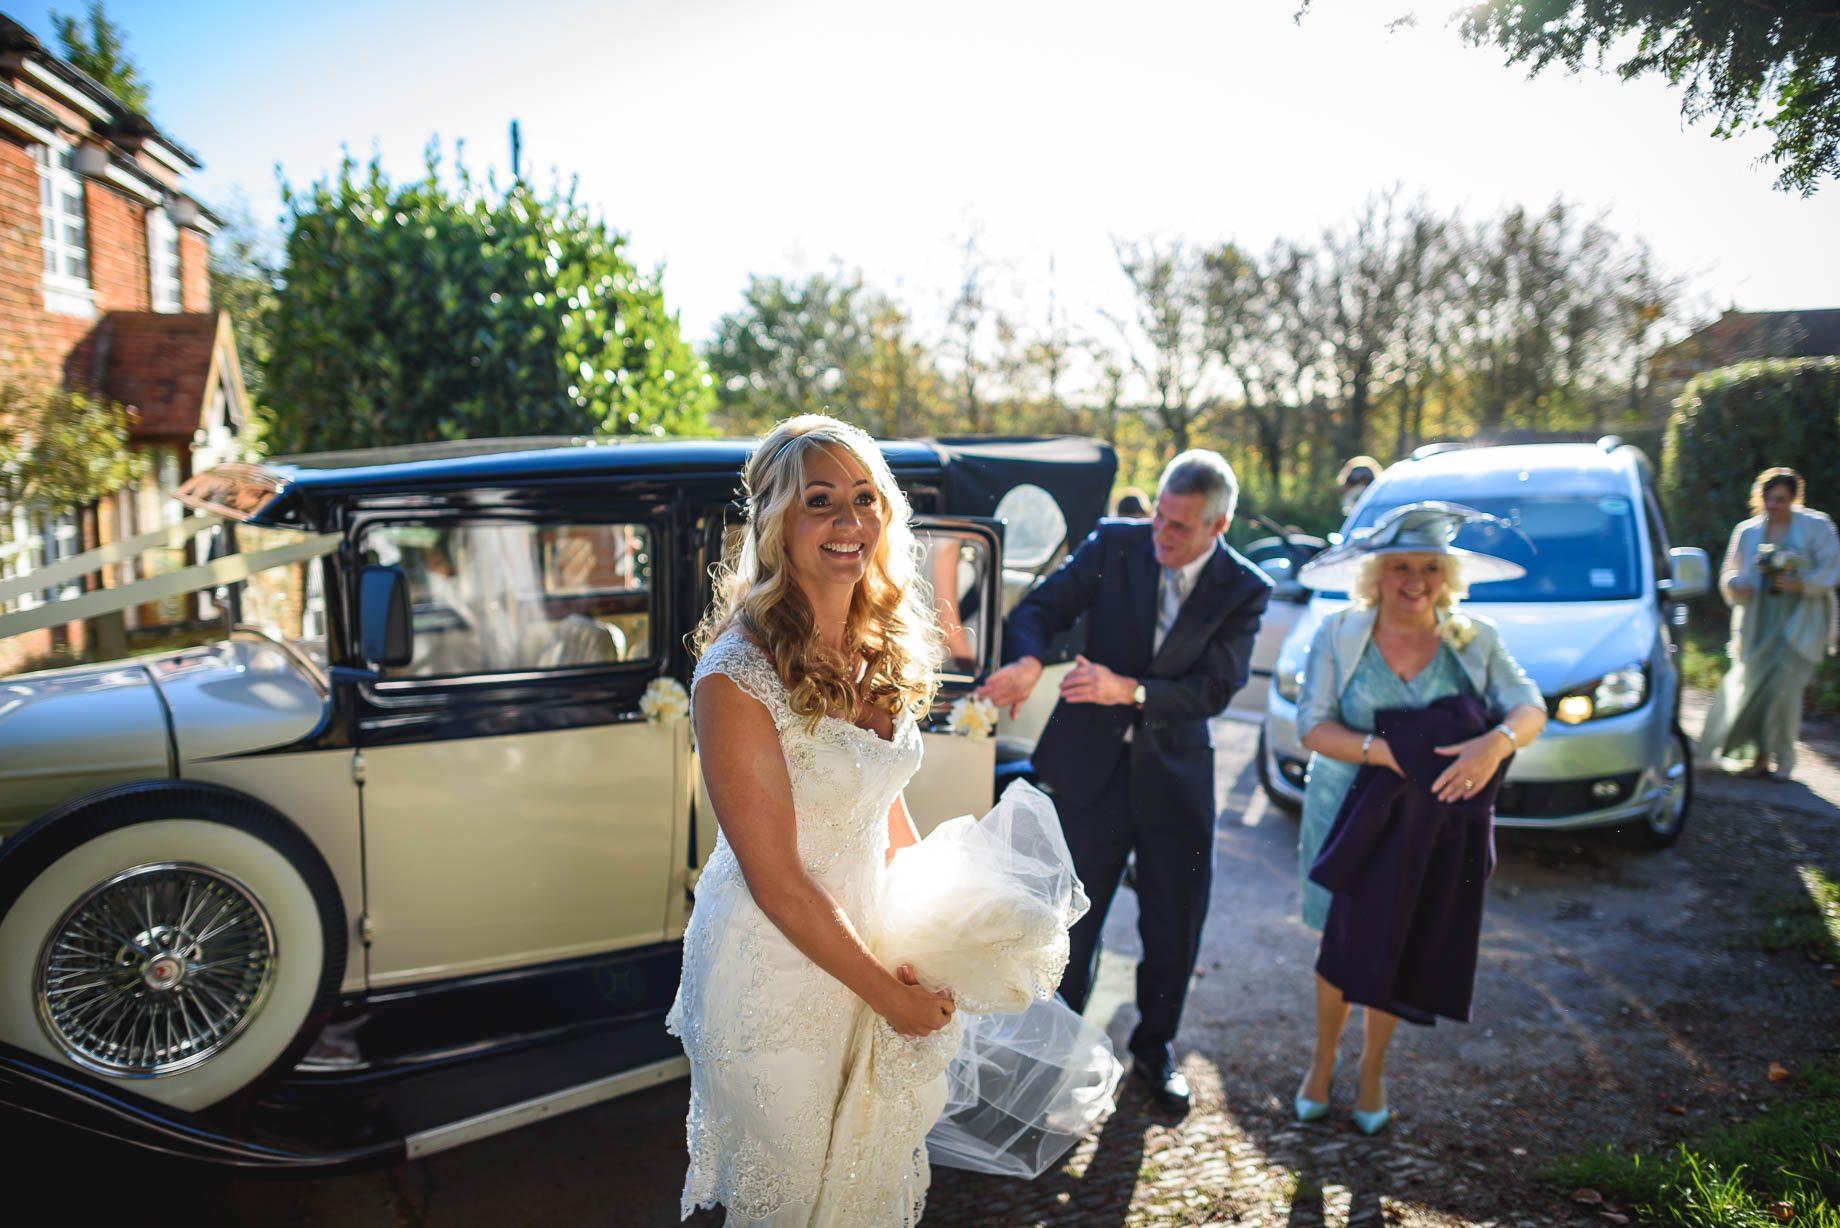 Bury-Court-Barn-wedding-photography-Lauren-and-Nick-58-of-215